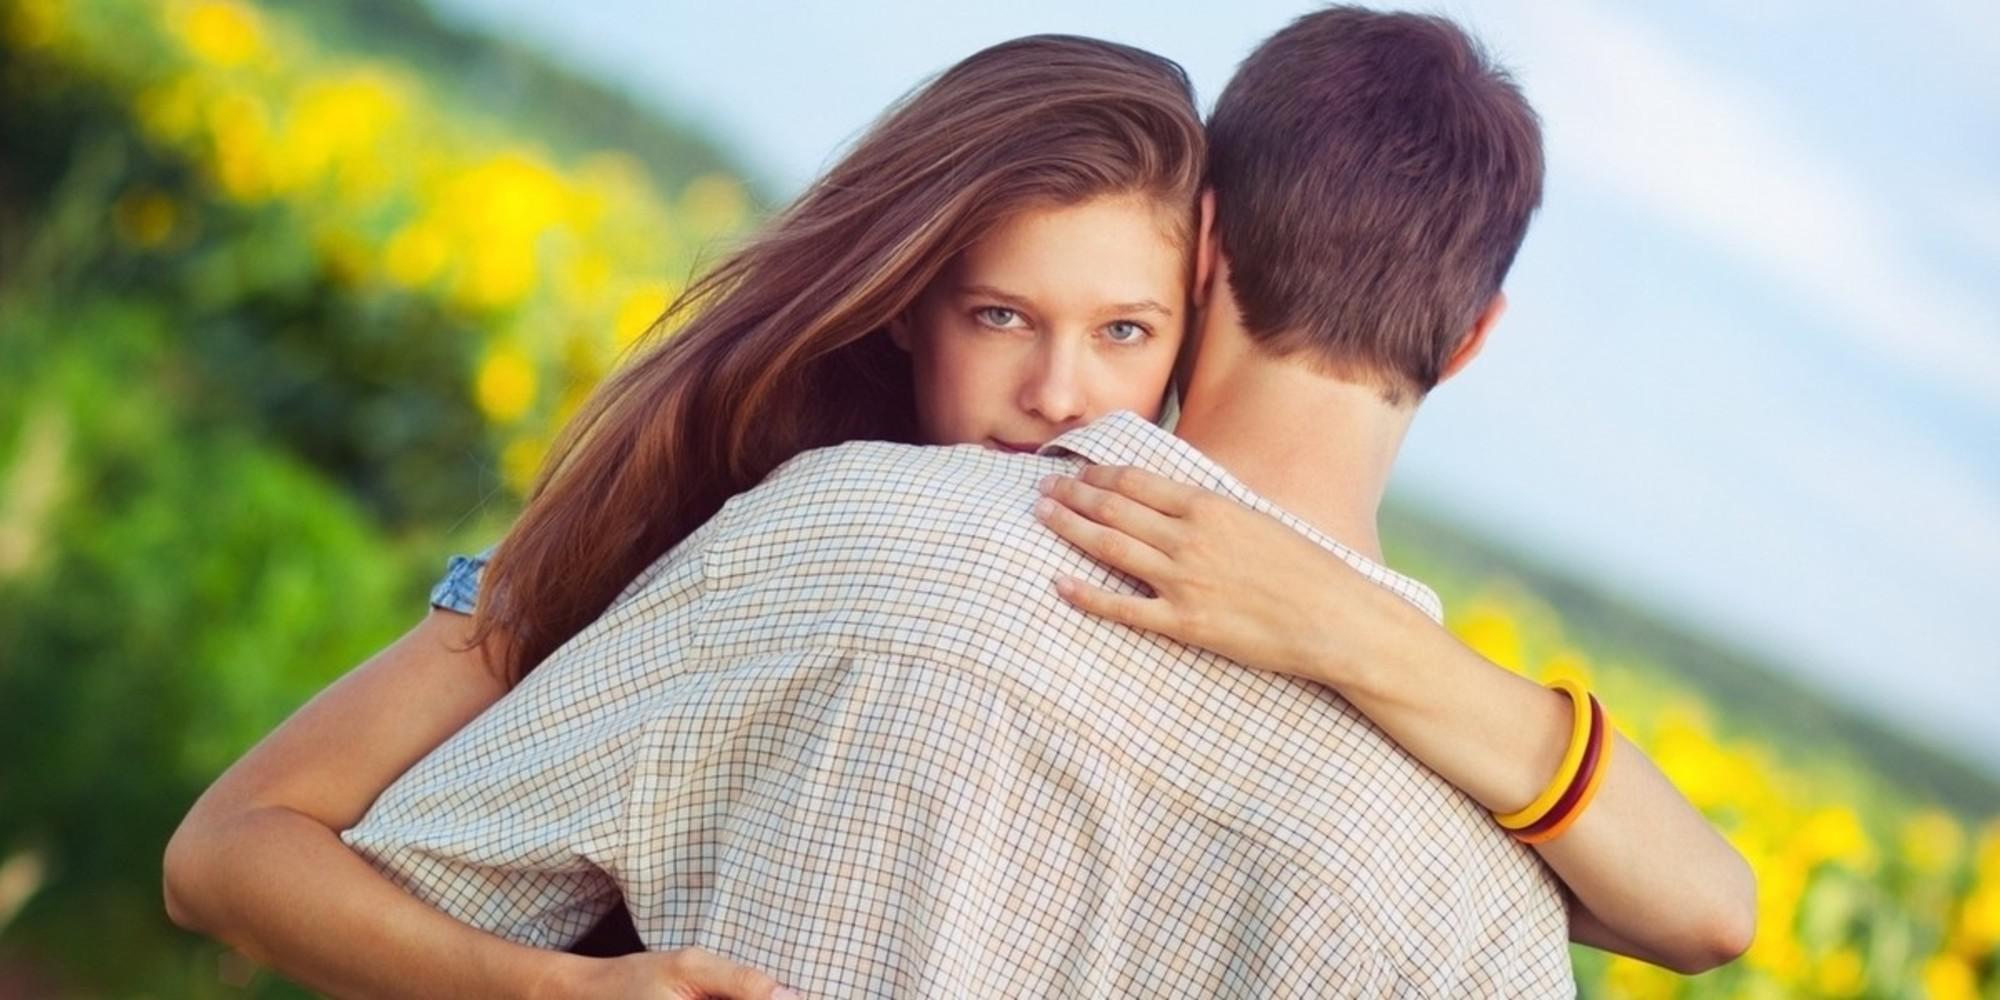 к чему снится любовь с незнакомым мужчиной